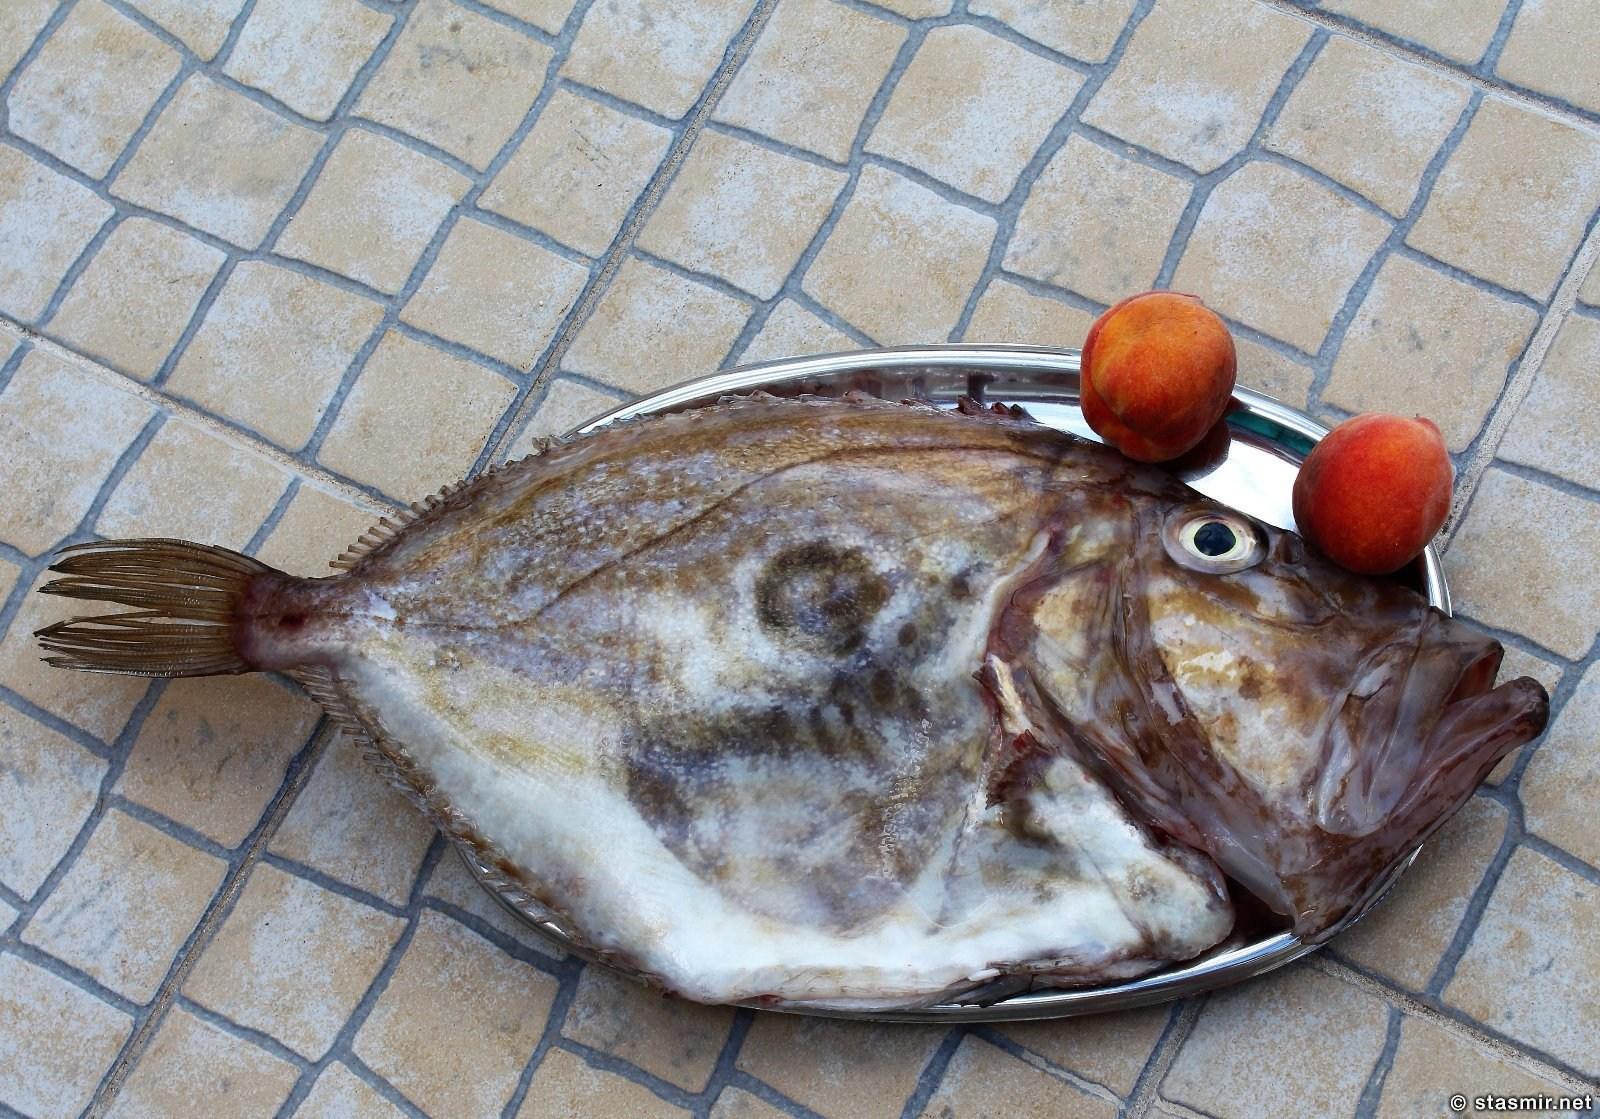 рыба-петух в Португалии, фото Стасмир, Photo Stasmir